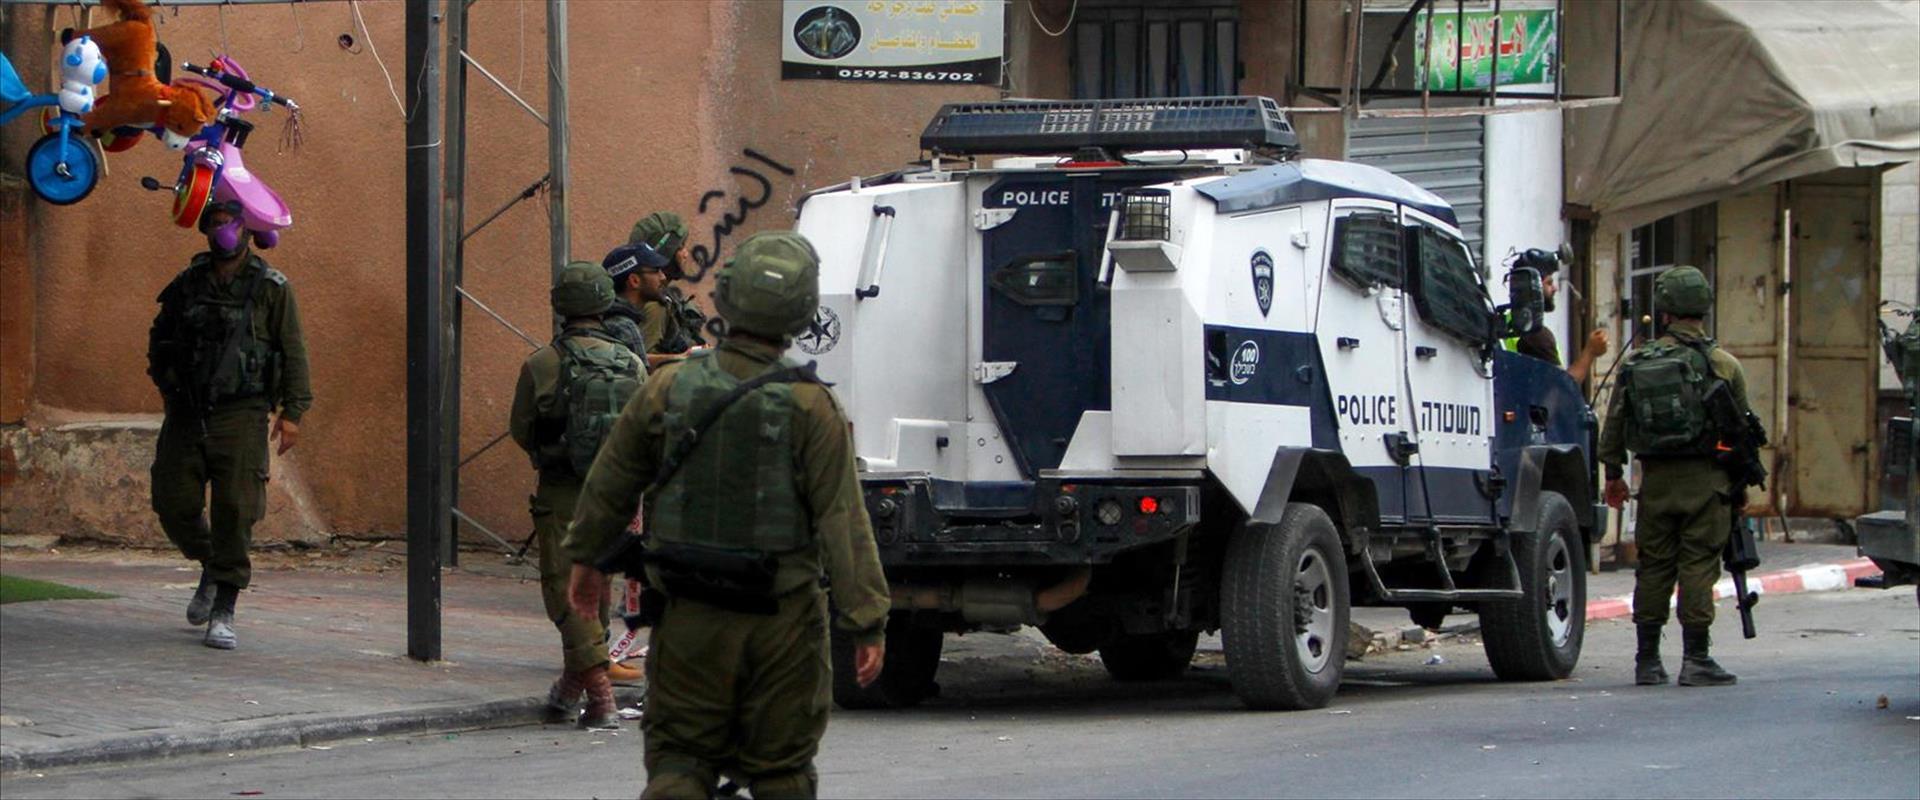 """כוחות צה""""ל ומשטרה במקום הפיגוע, היום"""